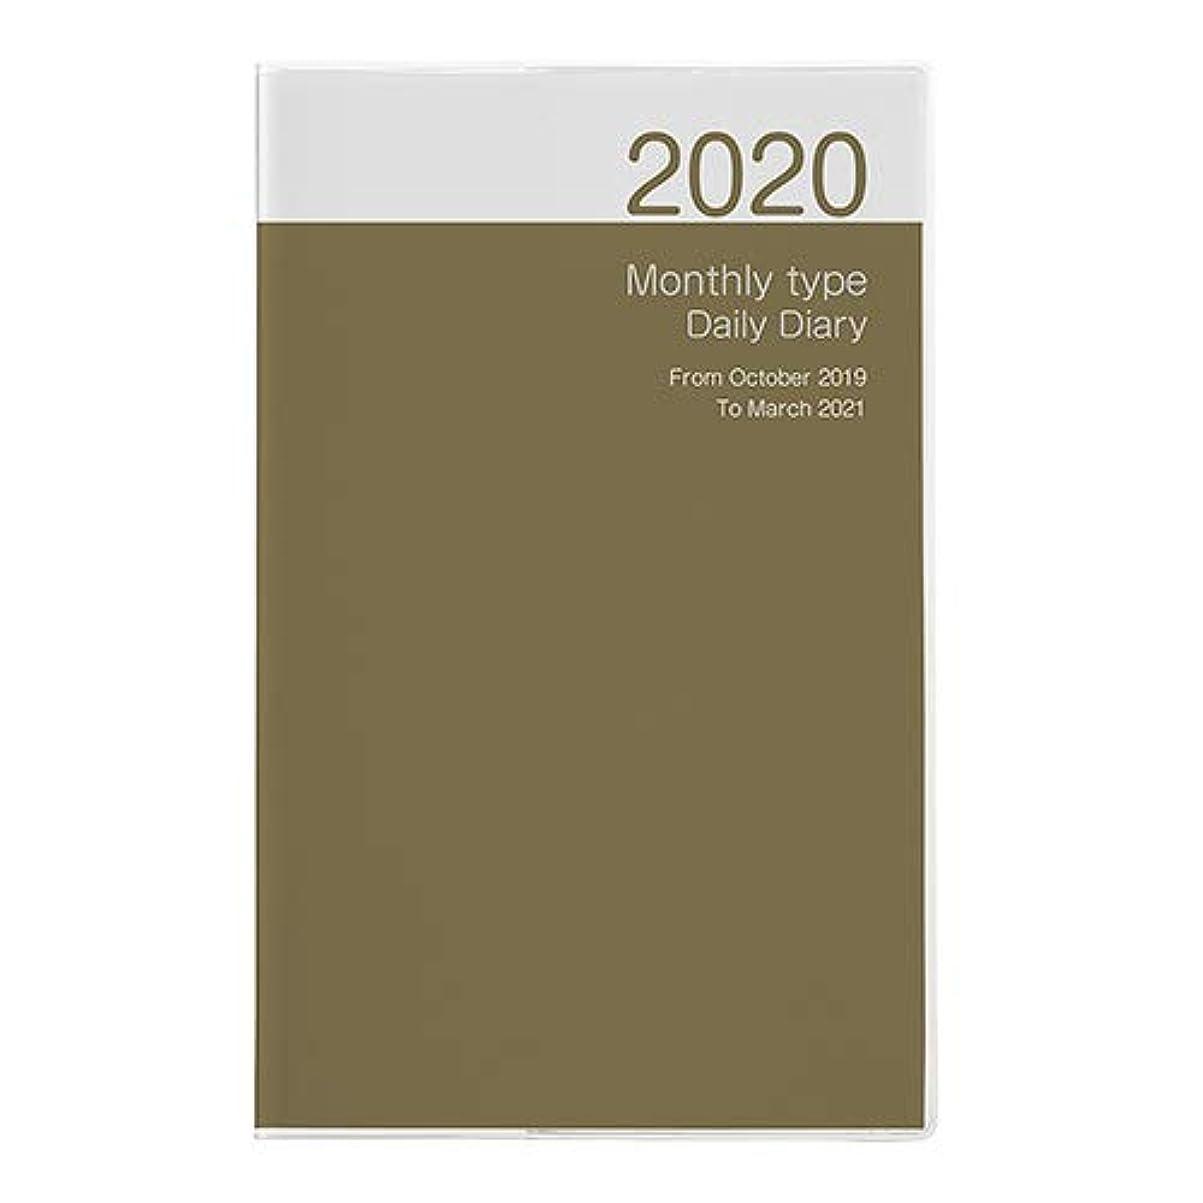 を必要としています聖人パイプラインナカバヤシ 手帳 2020 ノートダイアリー2020 ゴールド NS-001-20CG